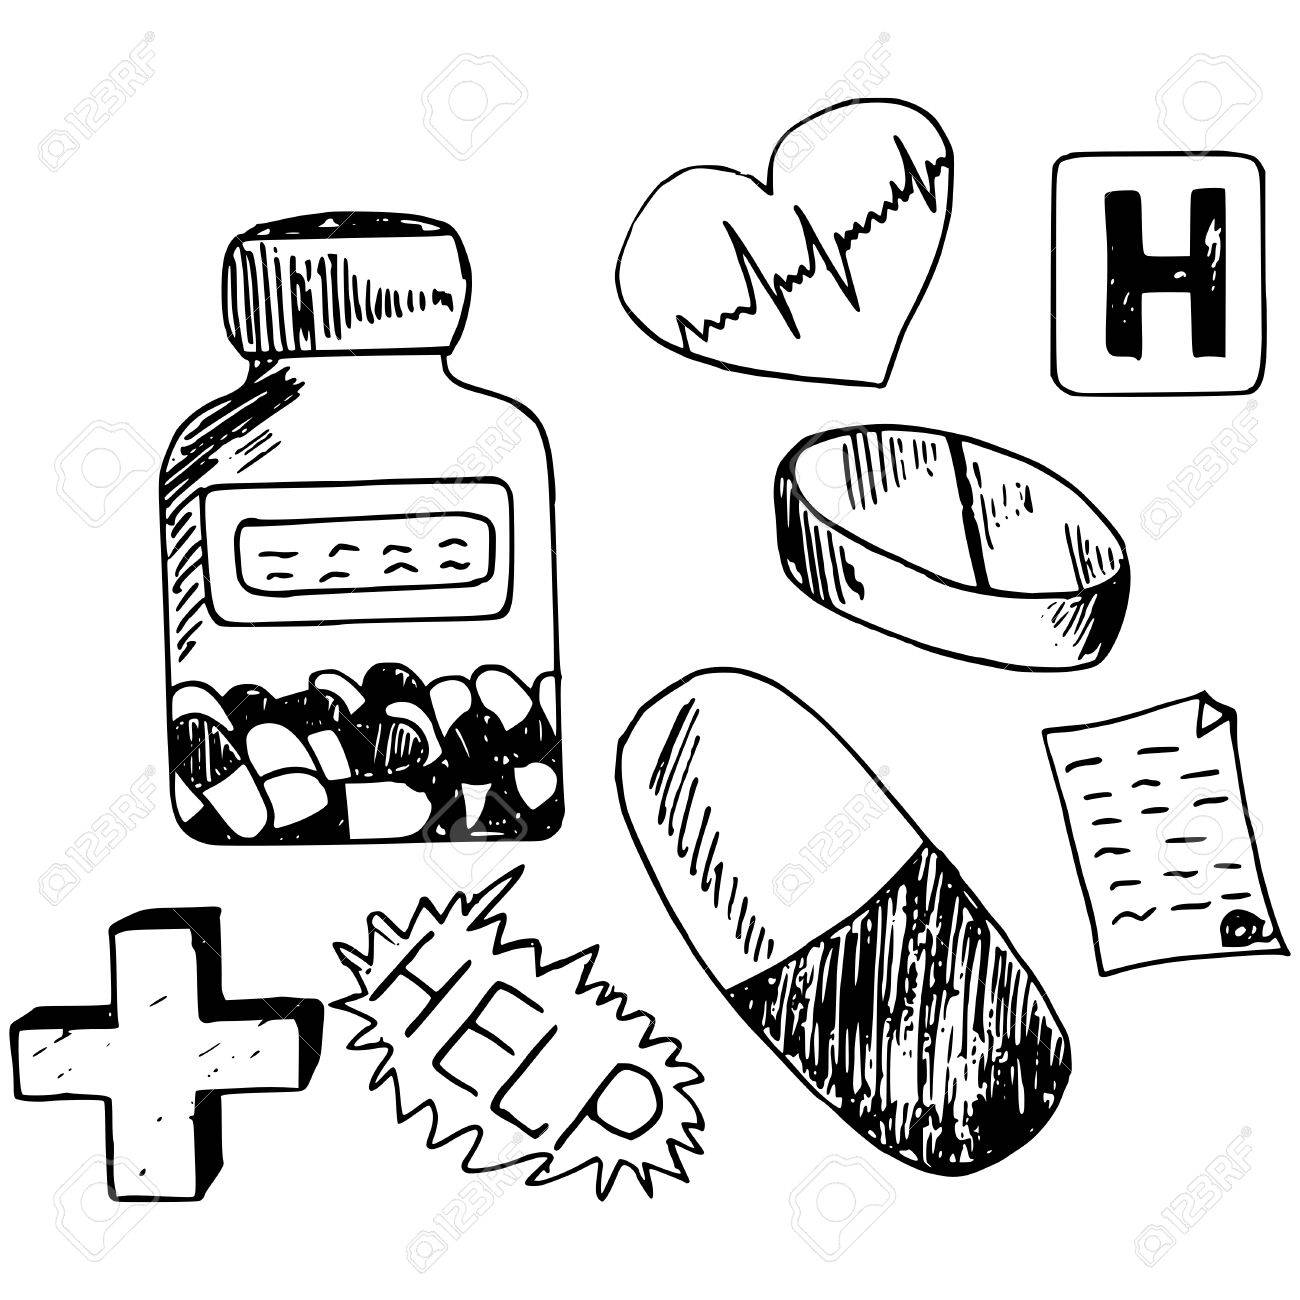 医学部シリーズの手作りイラスト、薬の落書き ロイヤリティフリー